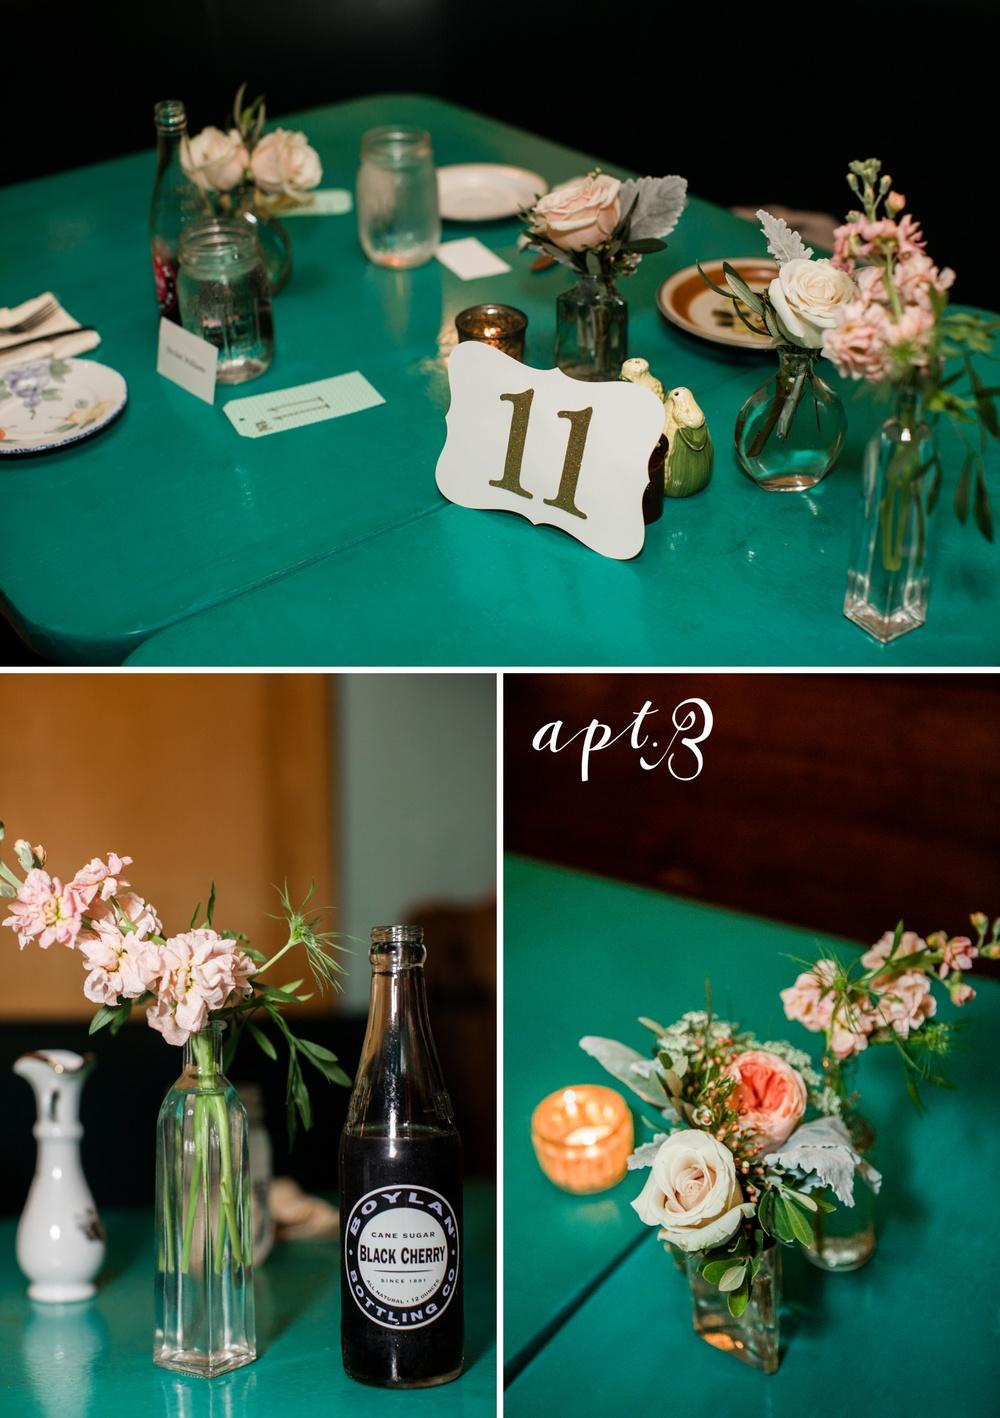 AptBPhotography_AmandaMarkBLOG-121